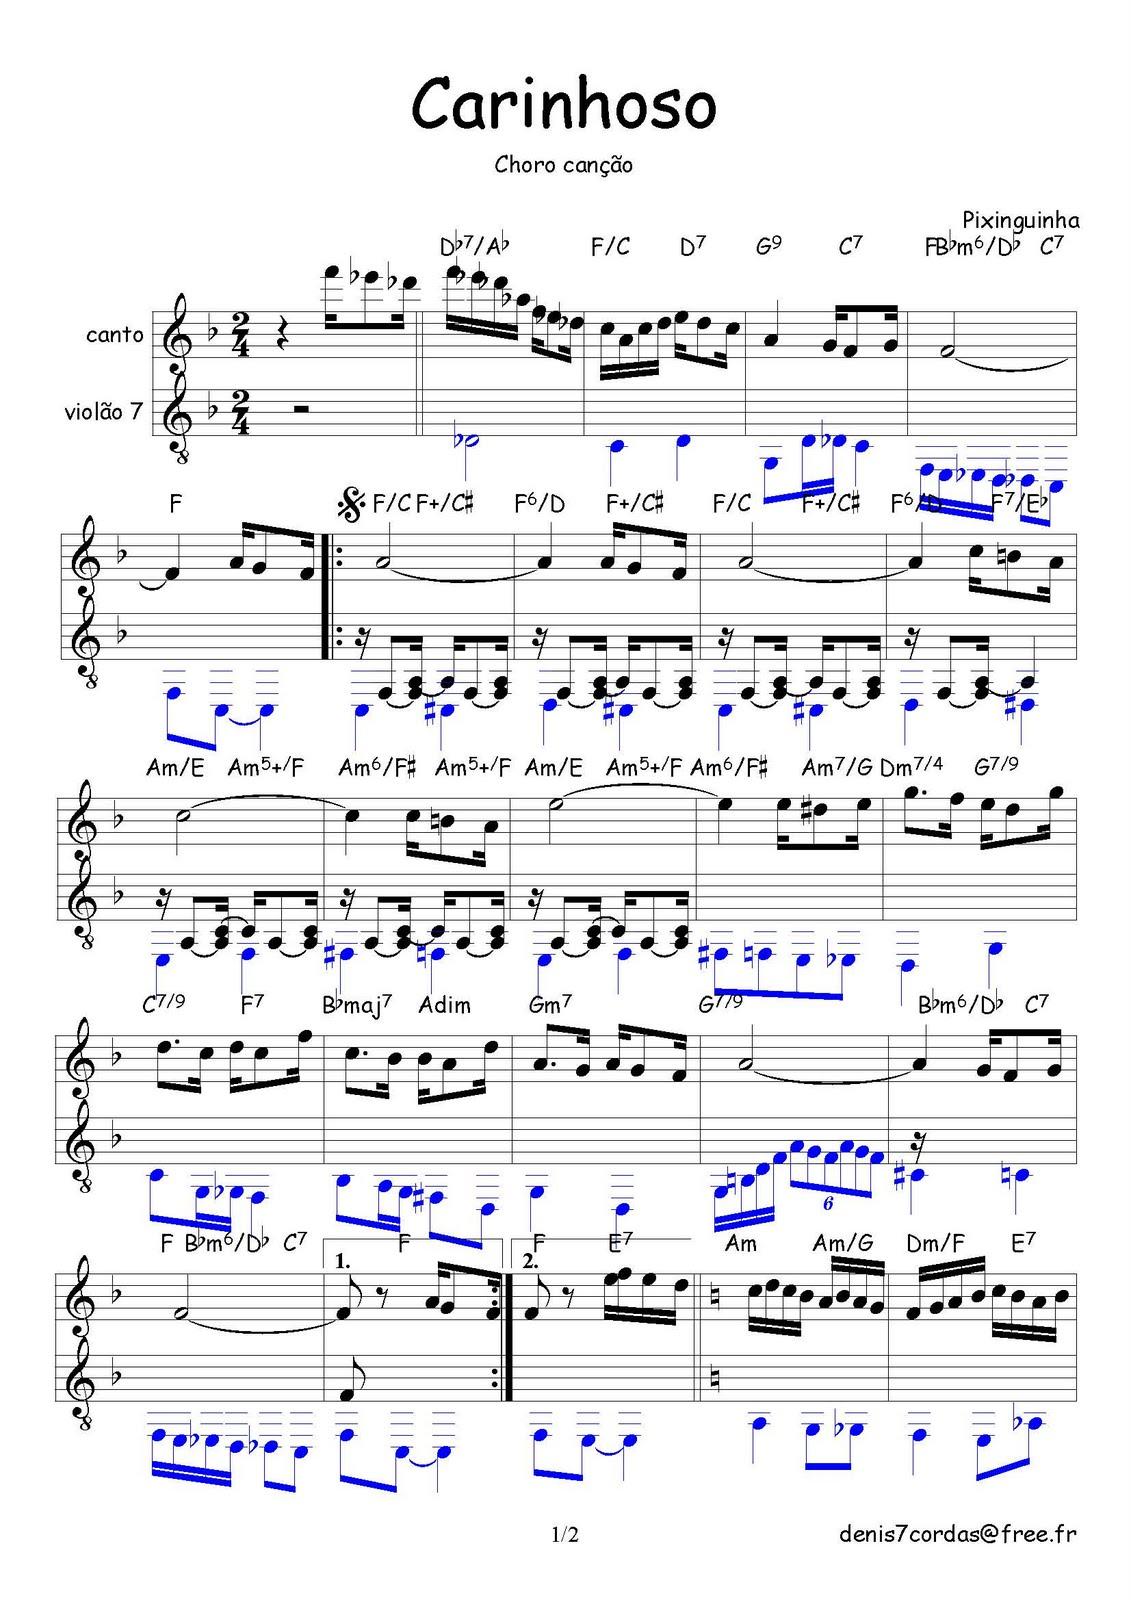 Top Partituras para Violão 7 Cordas: Carinhoso (Música de Pixinguinha  HS88